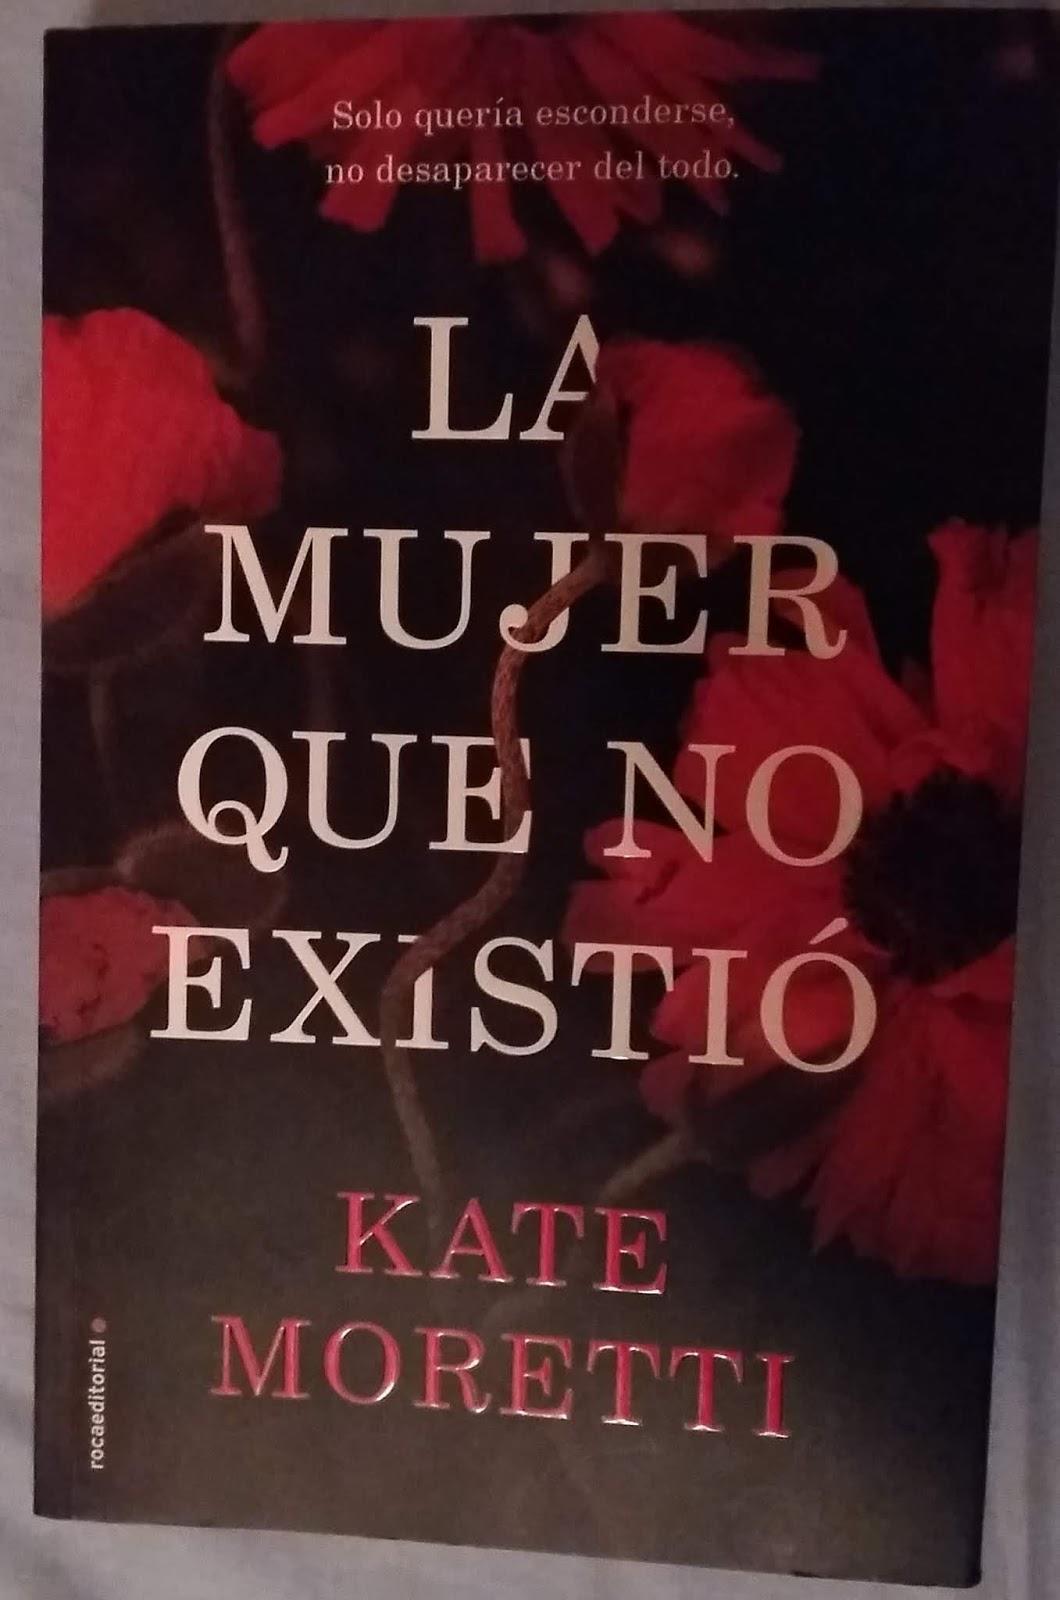 'La mujer que no existió', de Kate Moretti es un buen thriller con el que  se pasa un rato divertido y agradable. Su valor es que posee un suspense  constante ...